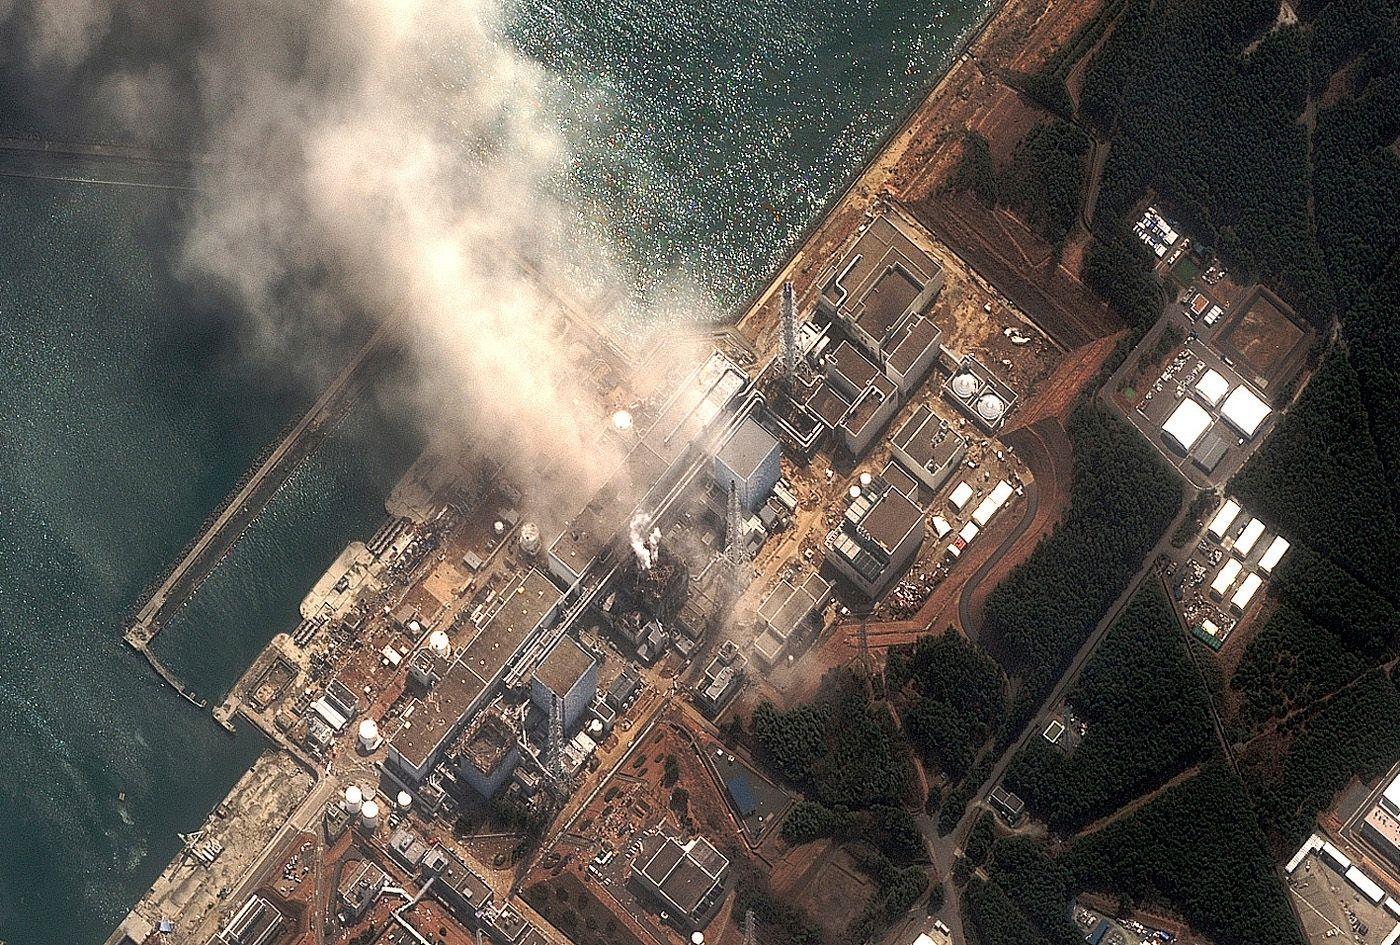 Le drame de Fukushima s'est produit le 11 mars 2011.